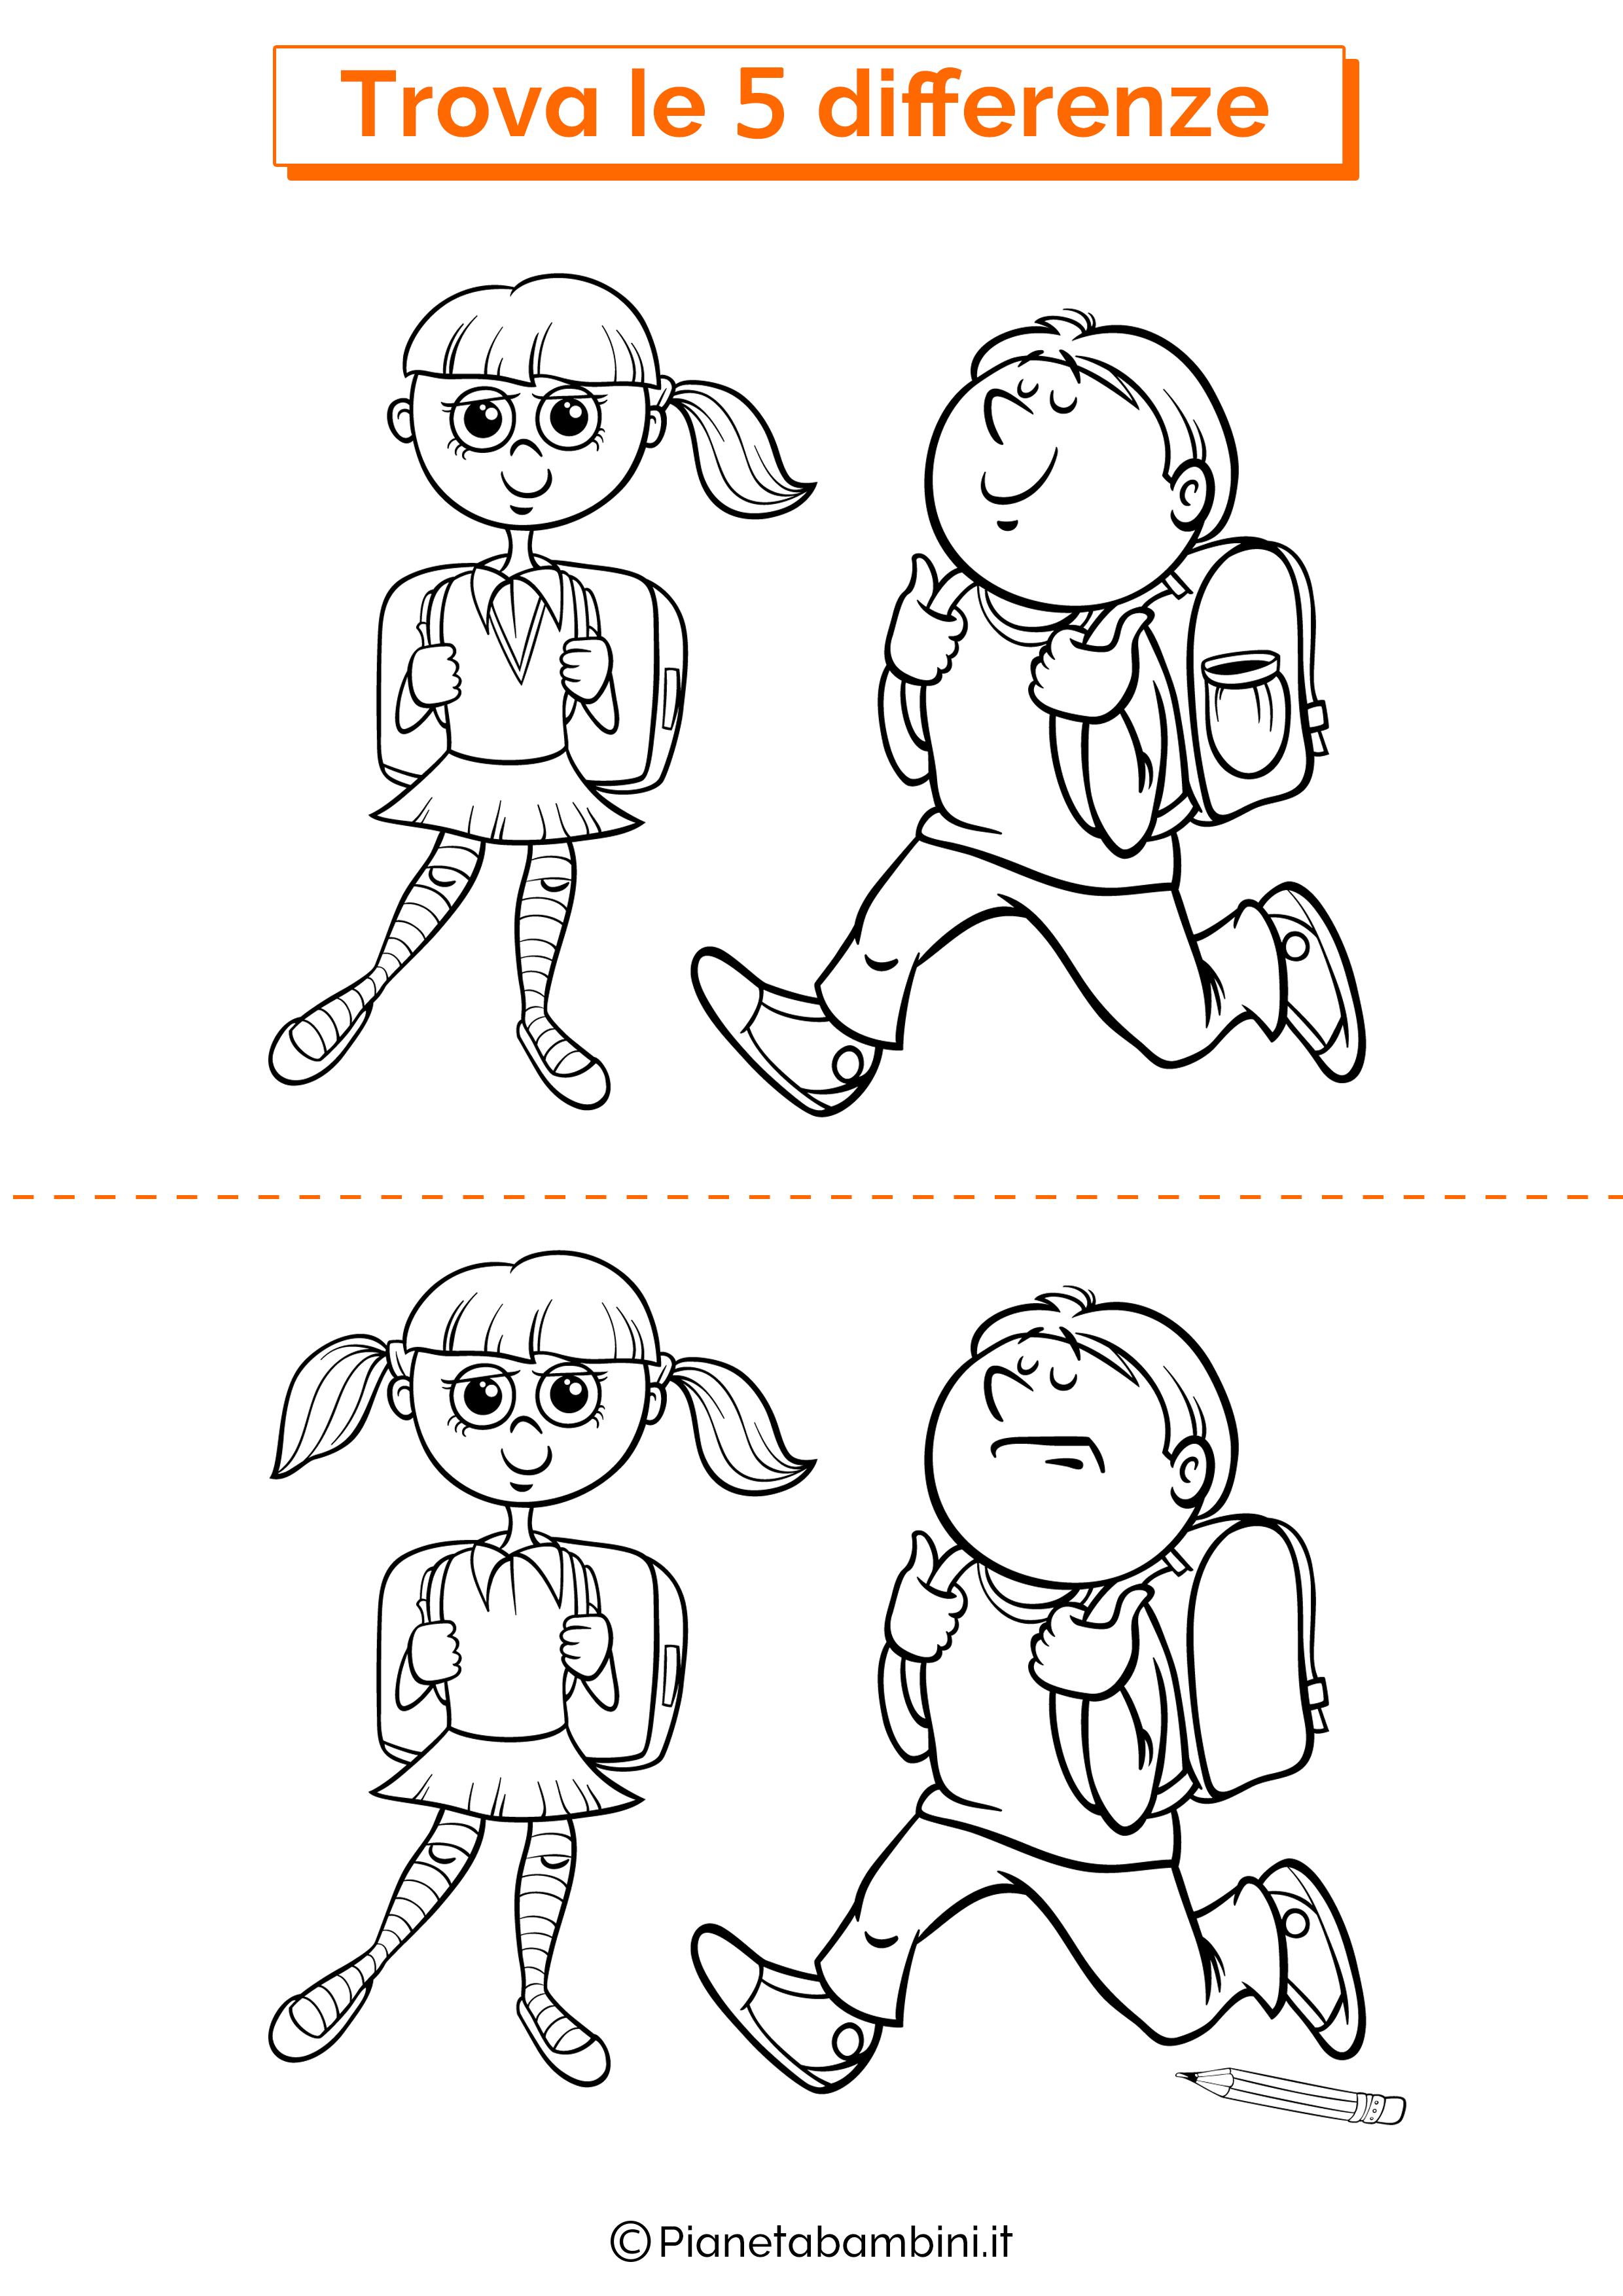 Disegno trova 5 differenze scolari